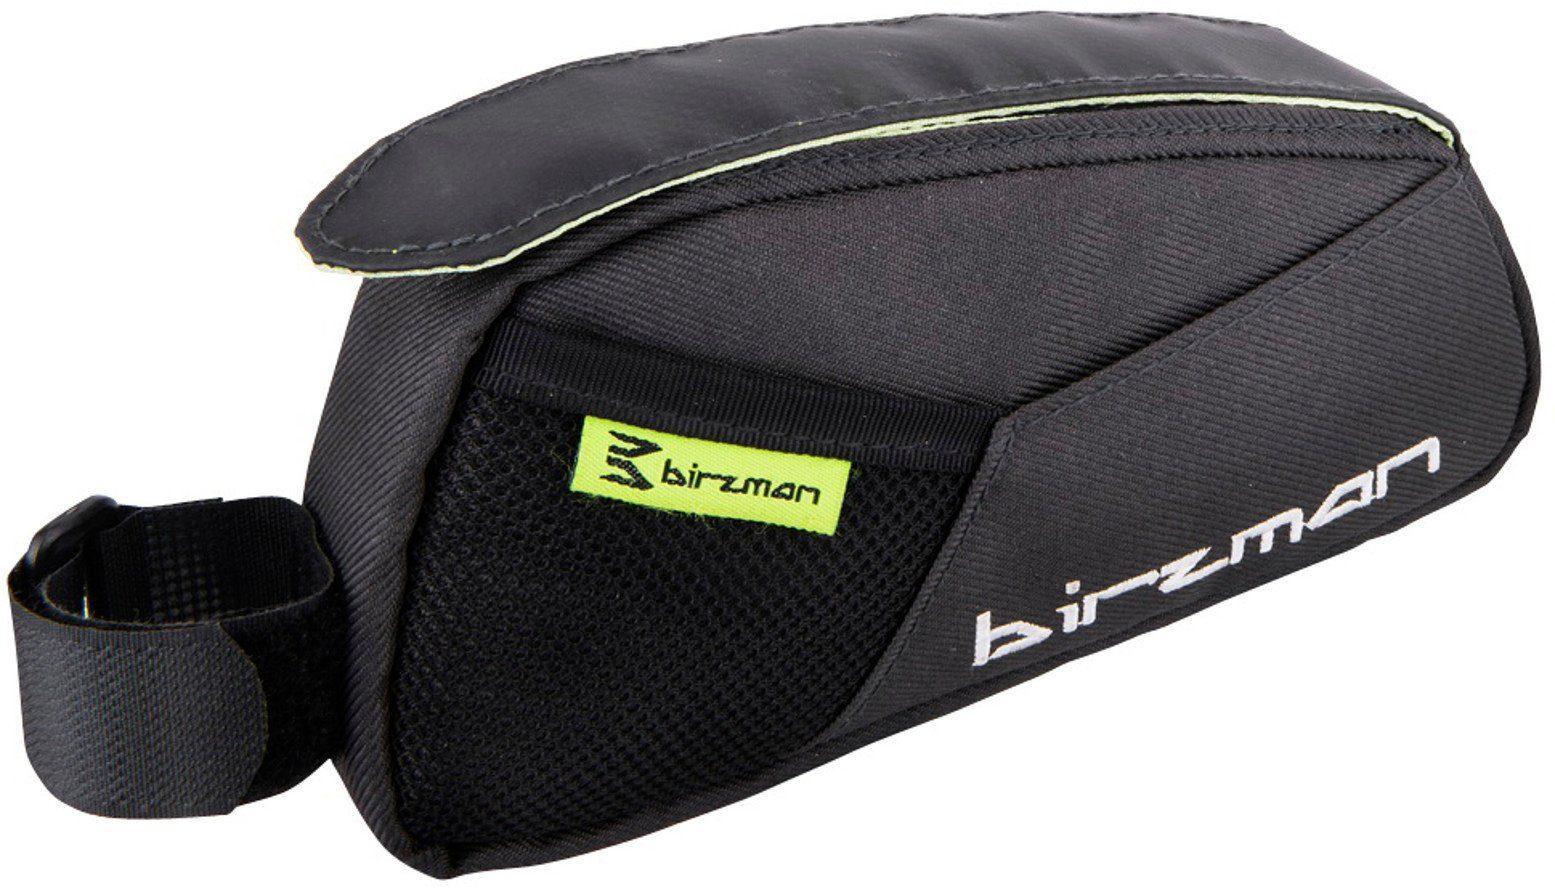 Birzman Fahrradtasche »Belly B Top Tube Bag«